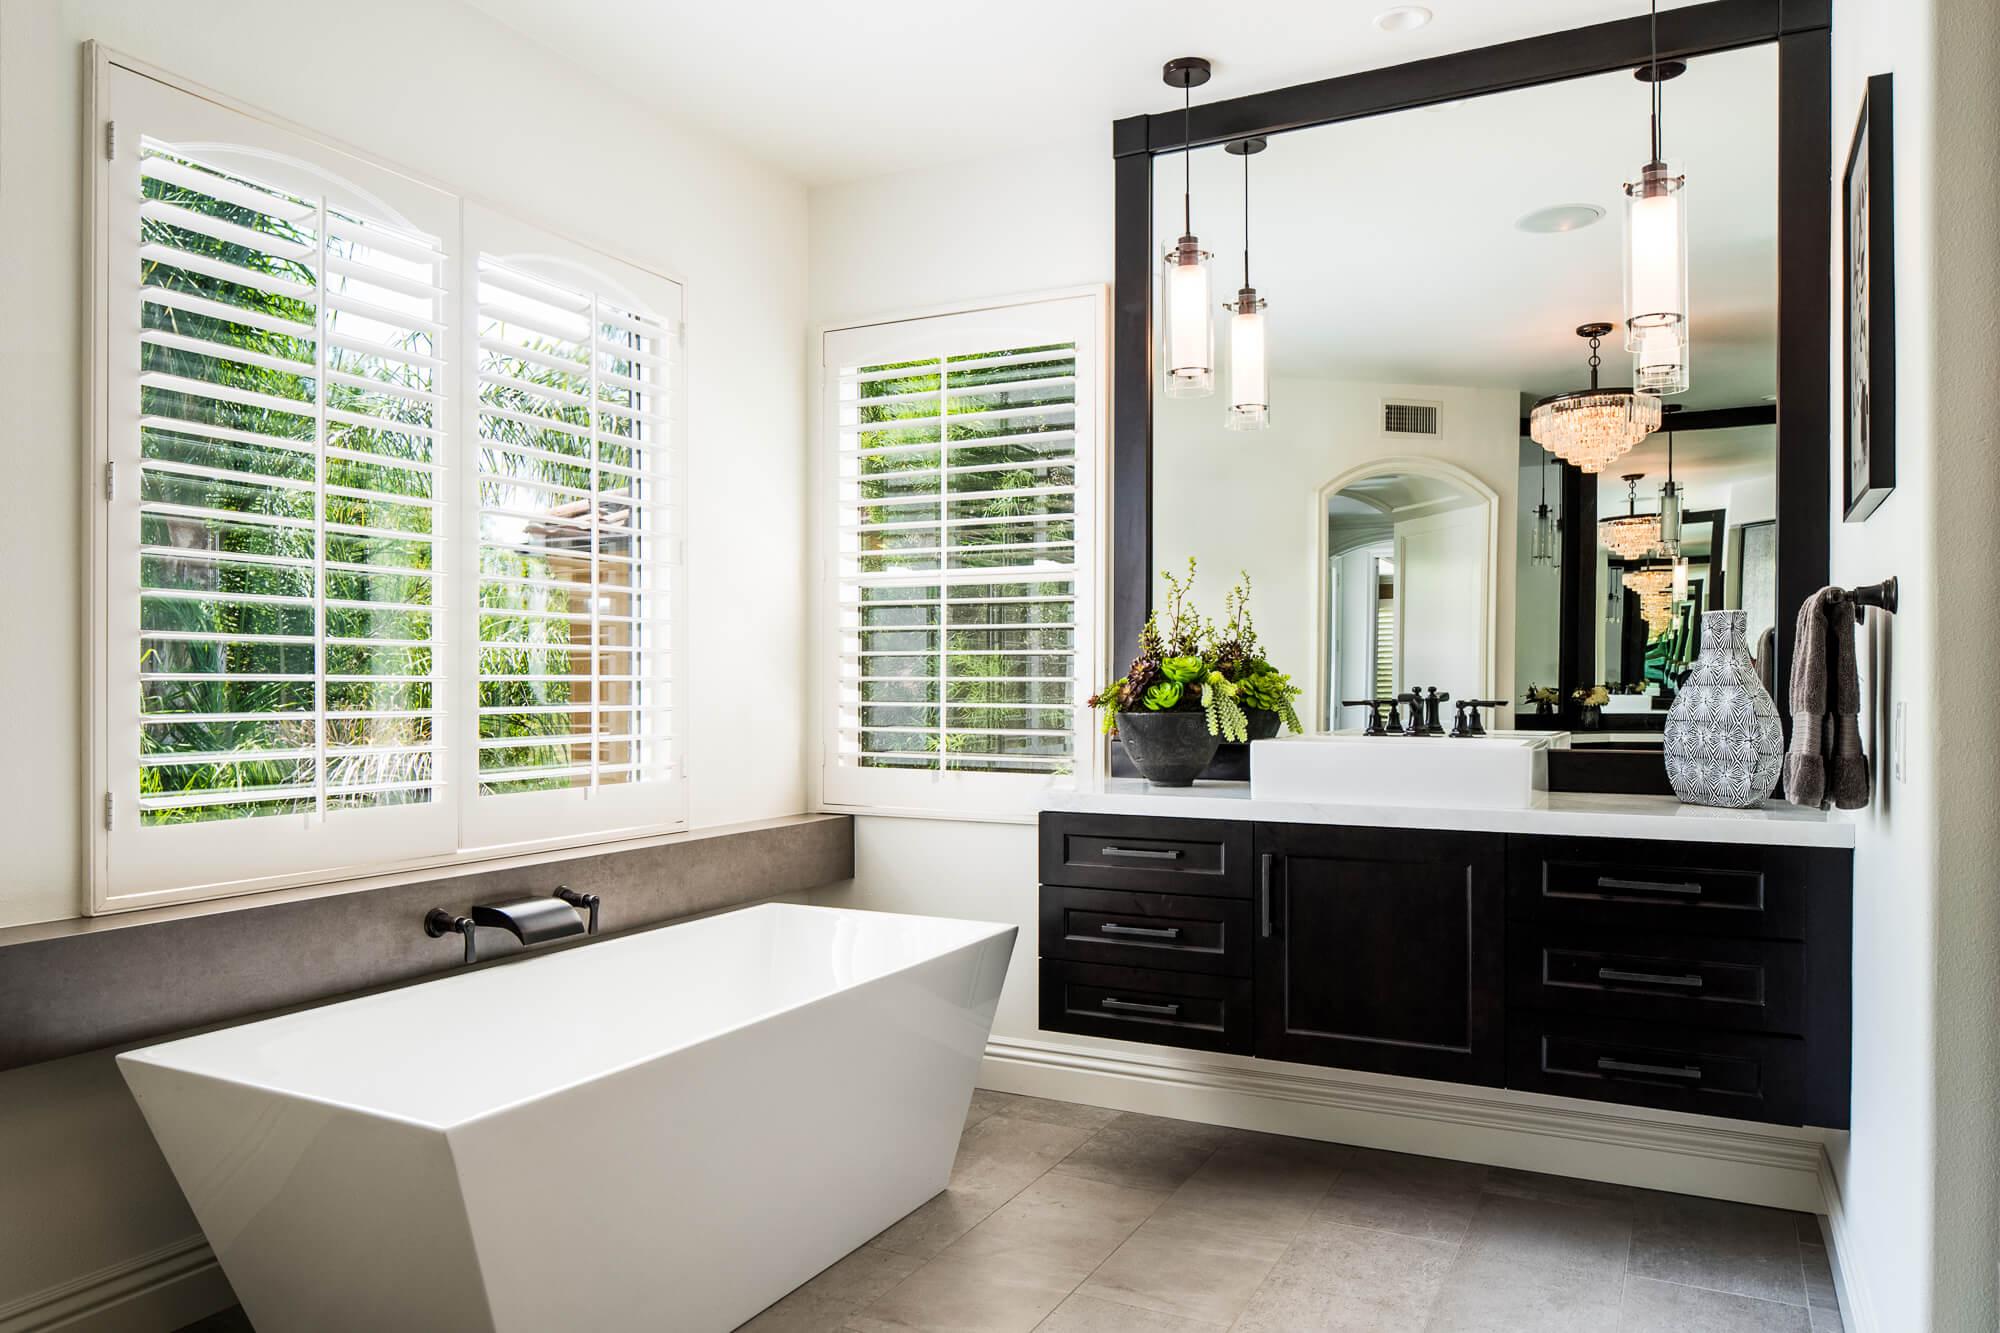 Master Bathroom floating Vanity, Floating Vanity Master Bathroom, Custom Design Master Bathroom